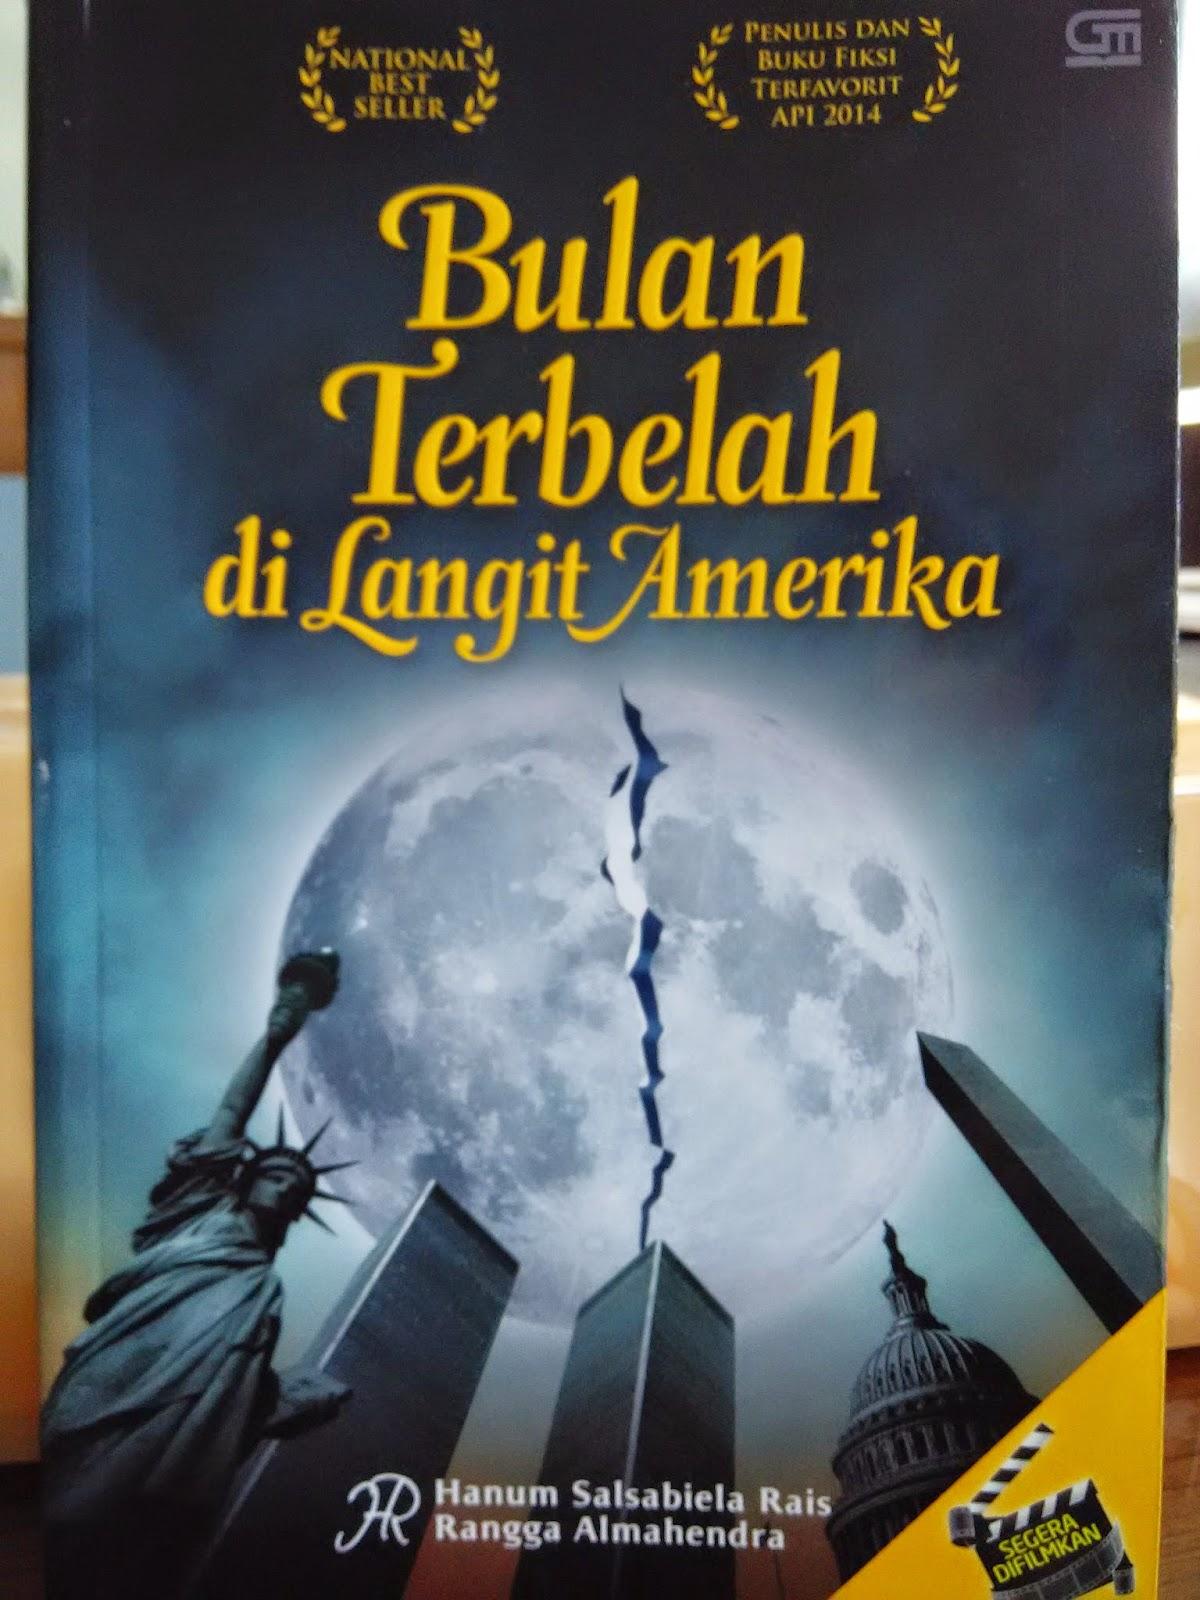 Resensi Buku Bulan Terbelah di Langit Amerika